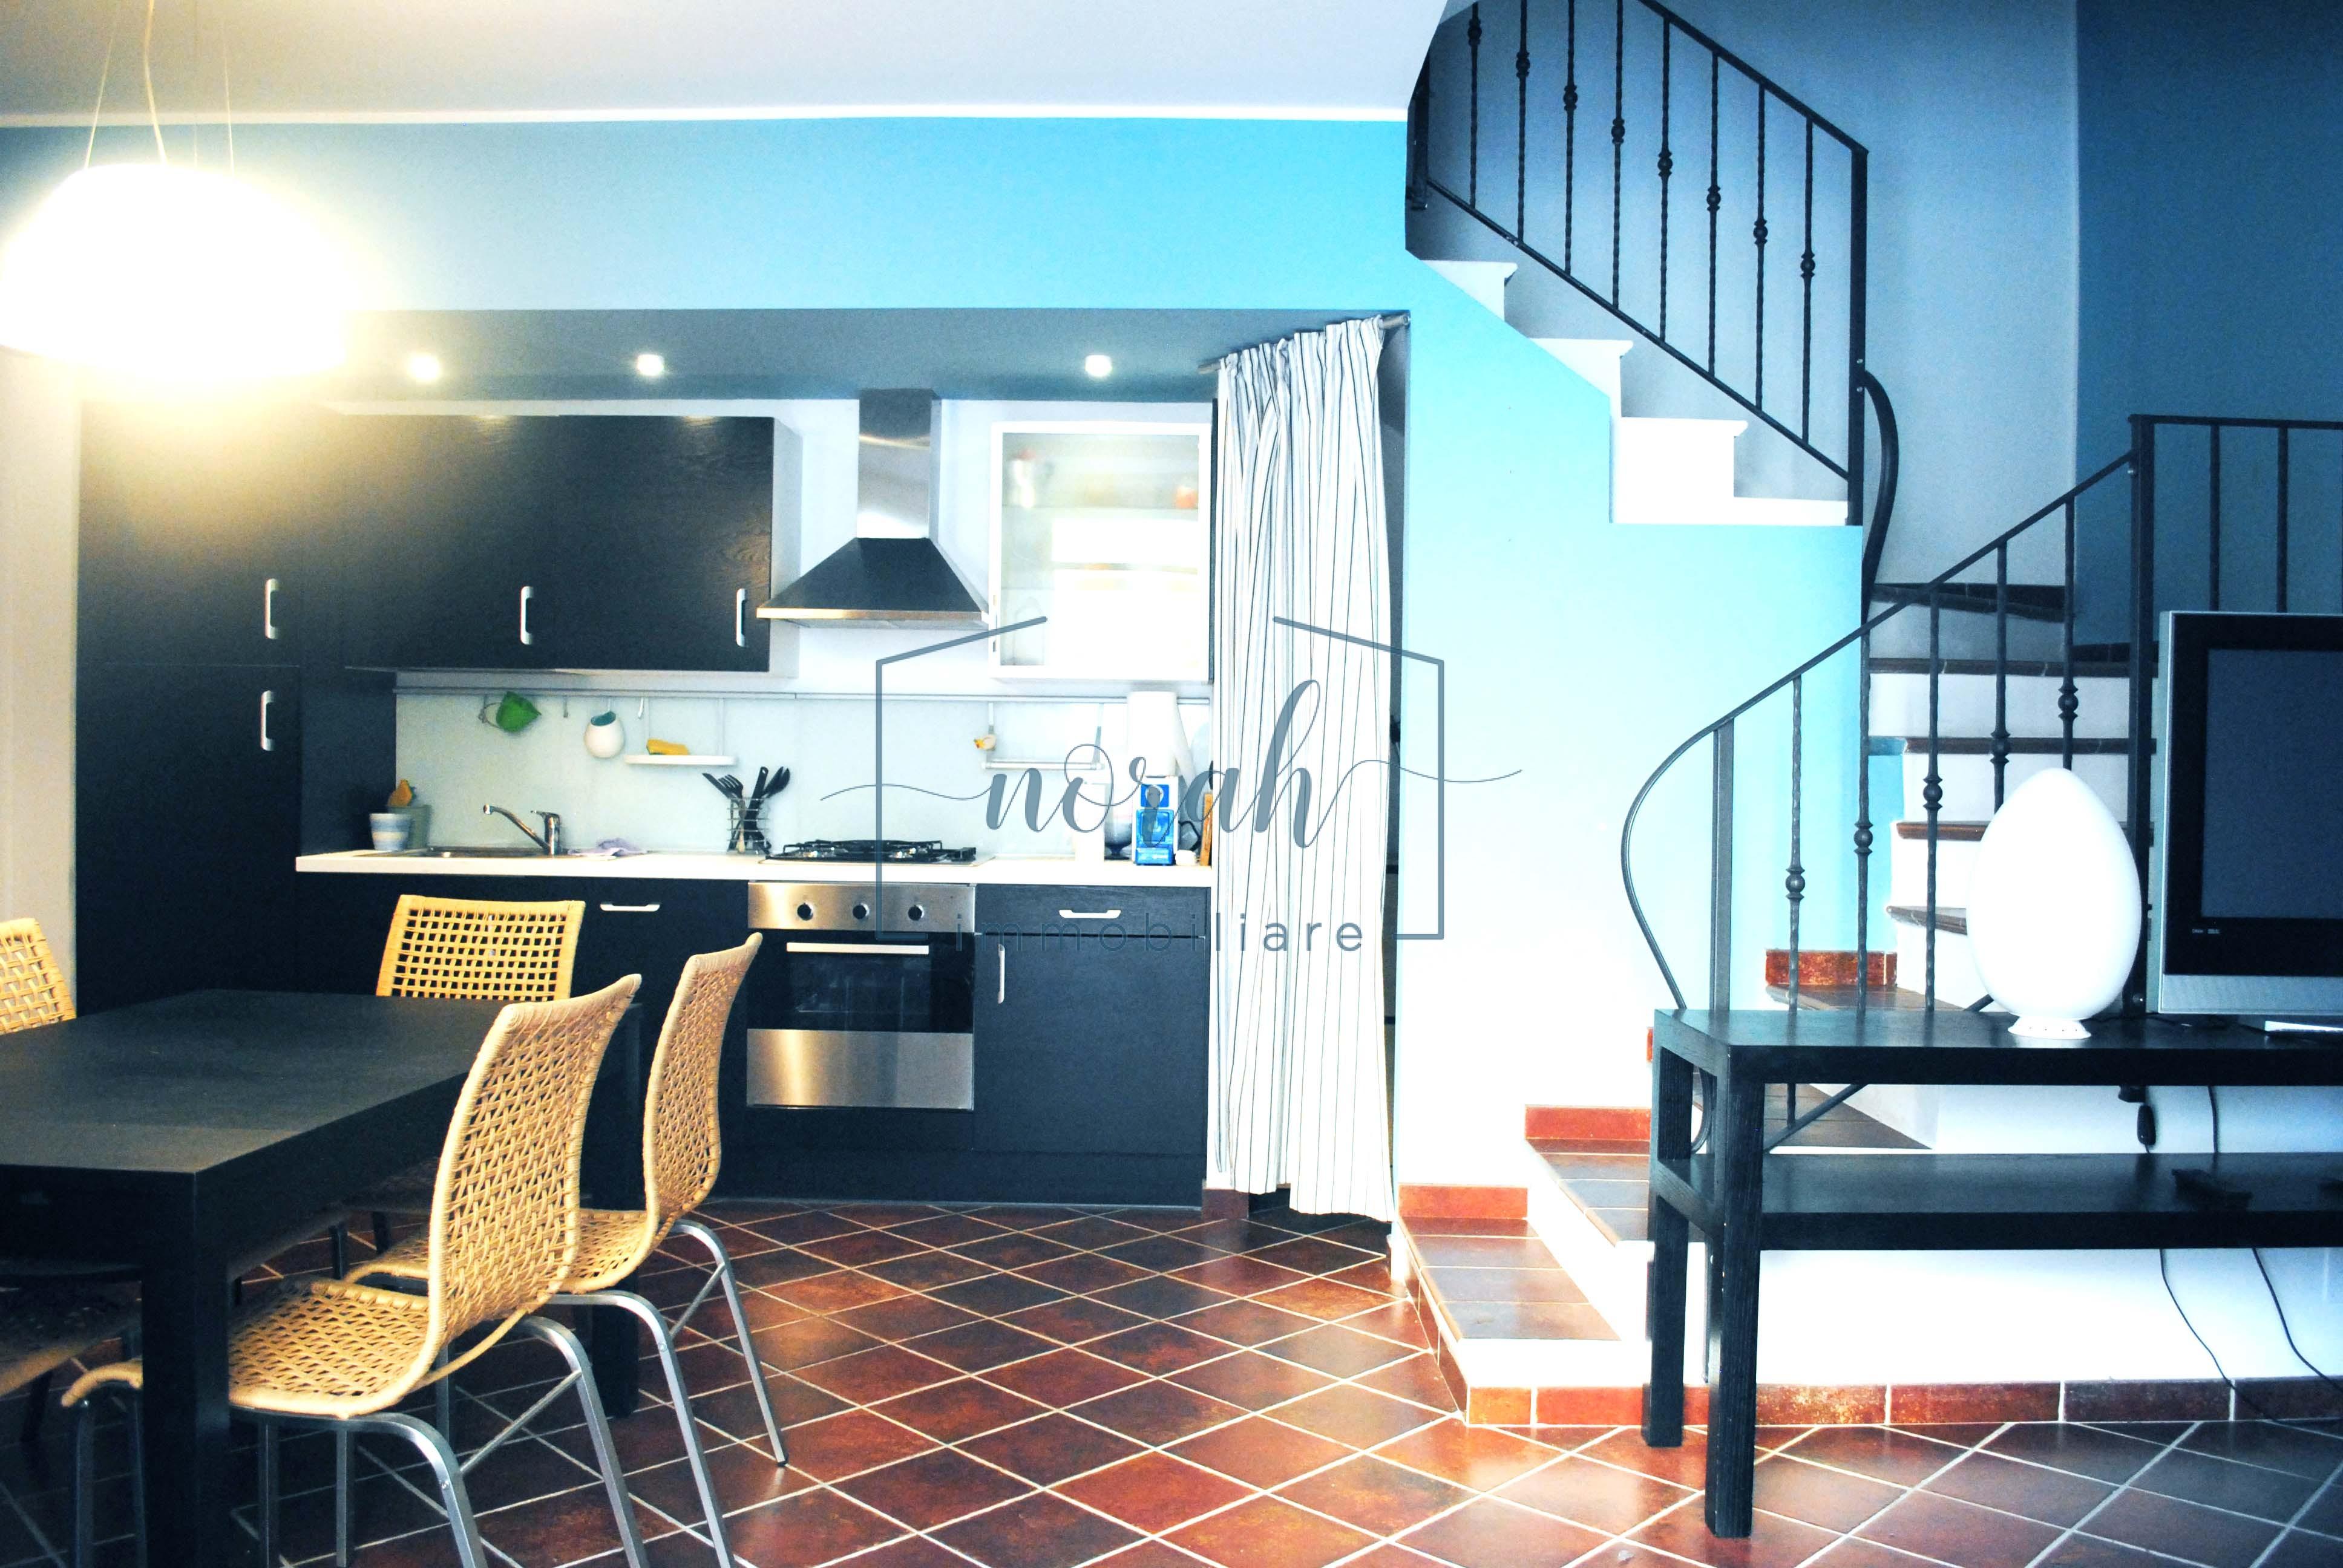 Norah immobiliare for Case in vendita porto ottiolu privati